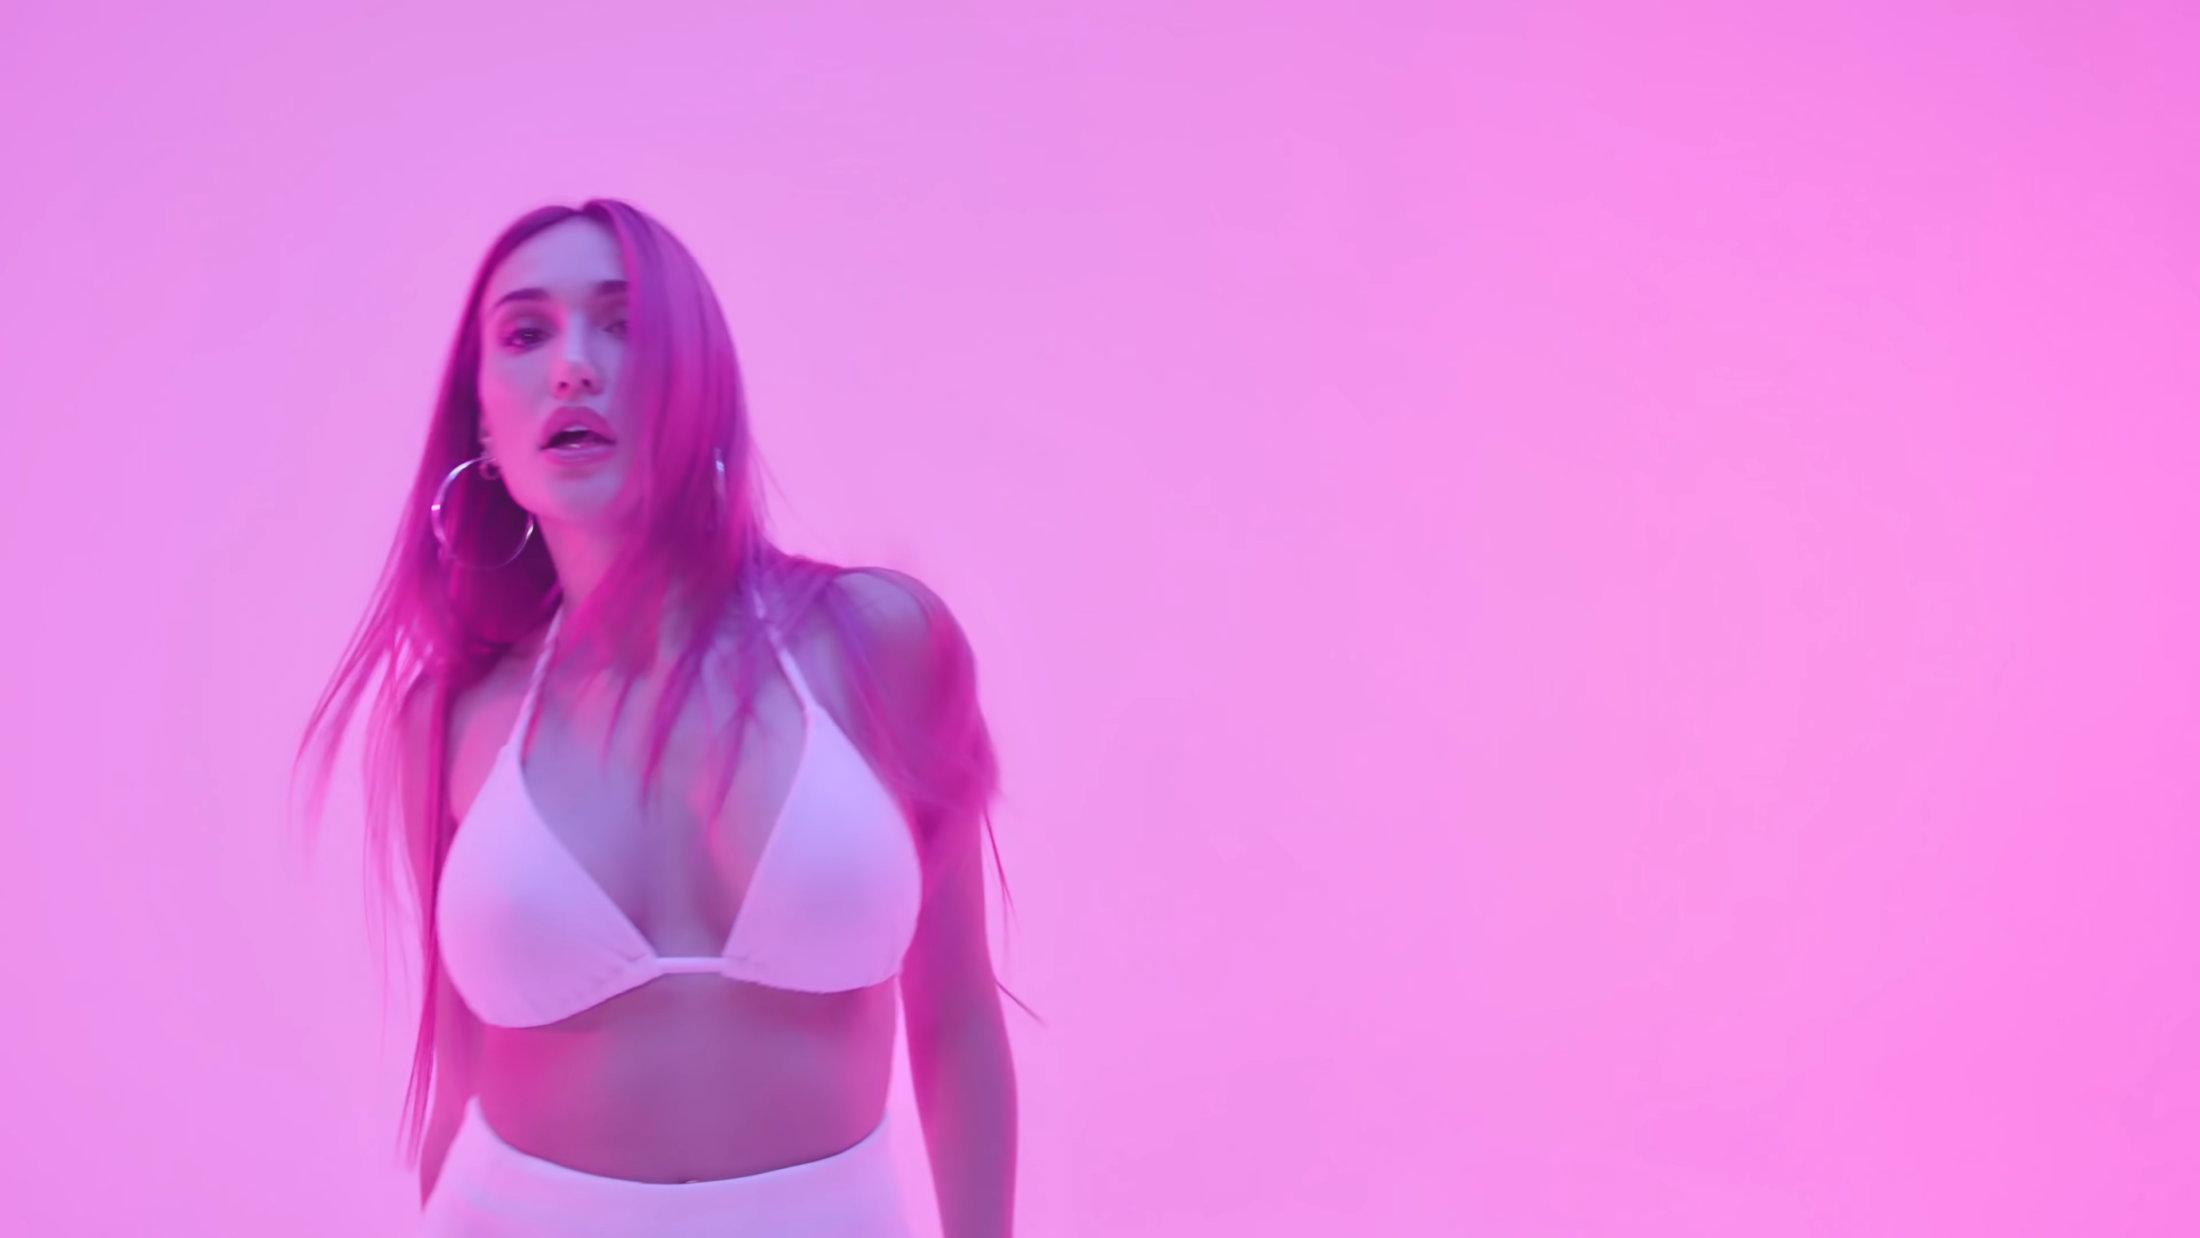 Luna Skye - Innocent (Official Music Video) 1-21 Screenshot